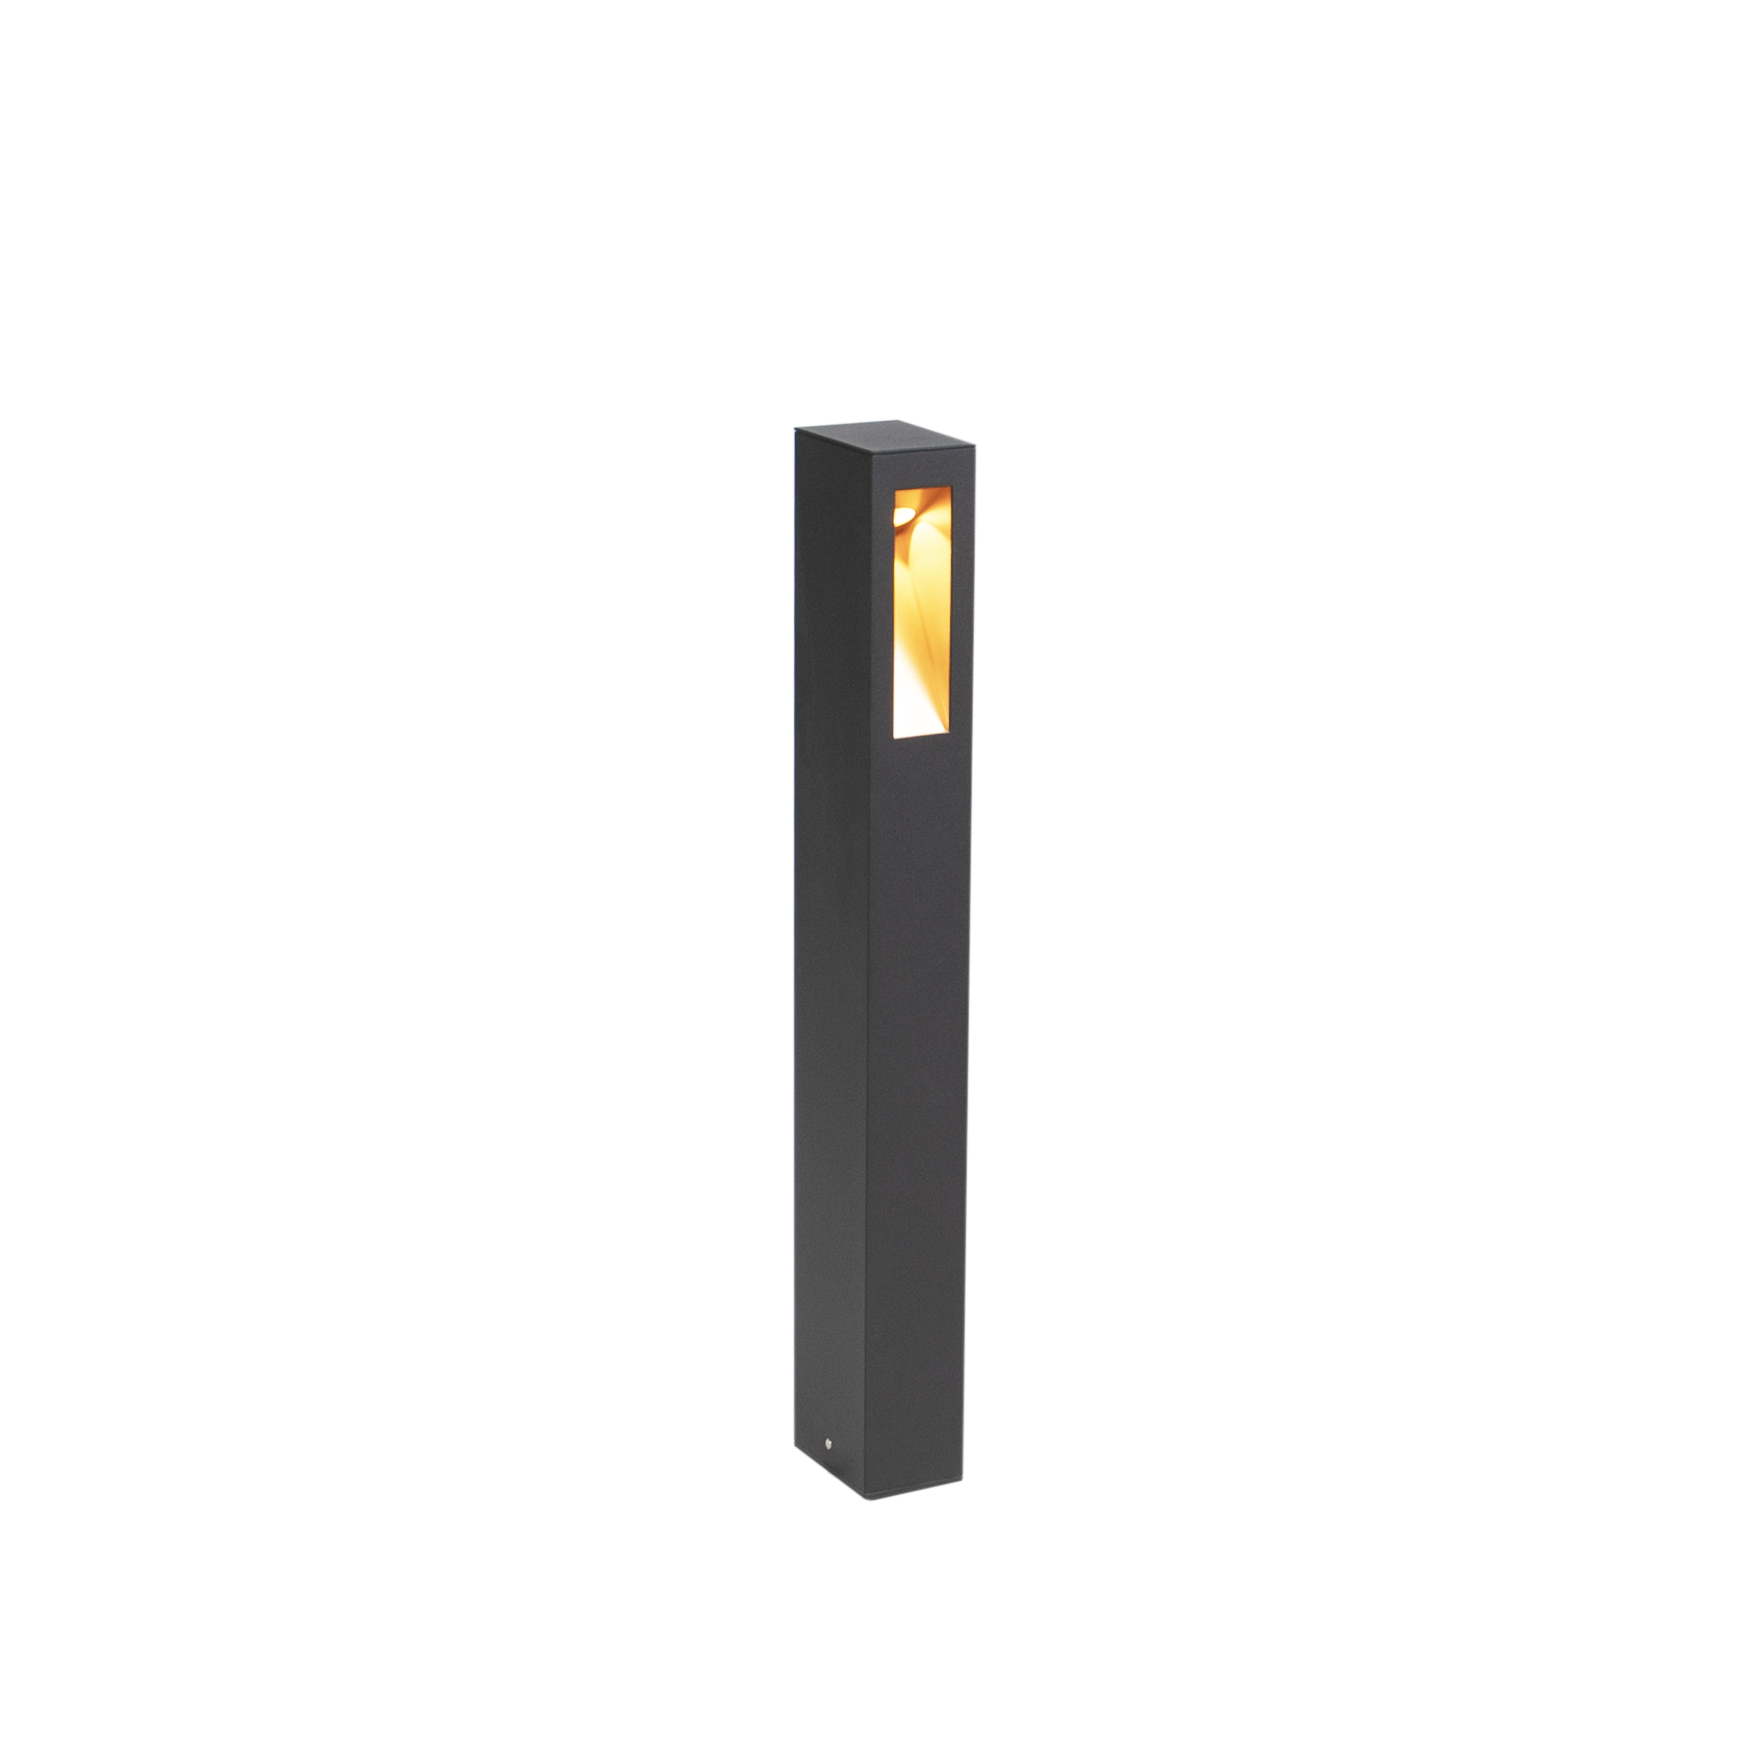 Moderne Staande Buitenlamp Led Zwart Met Gouden Binnenkant 65cm - Intorus